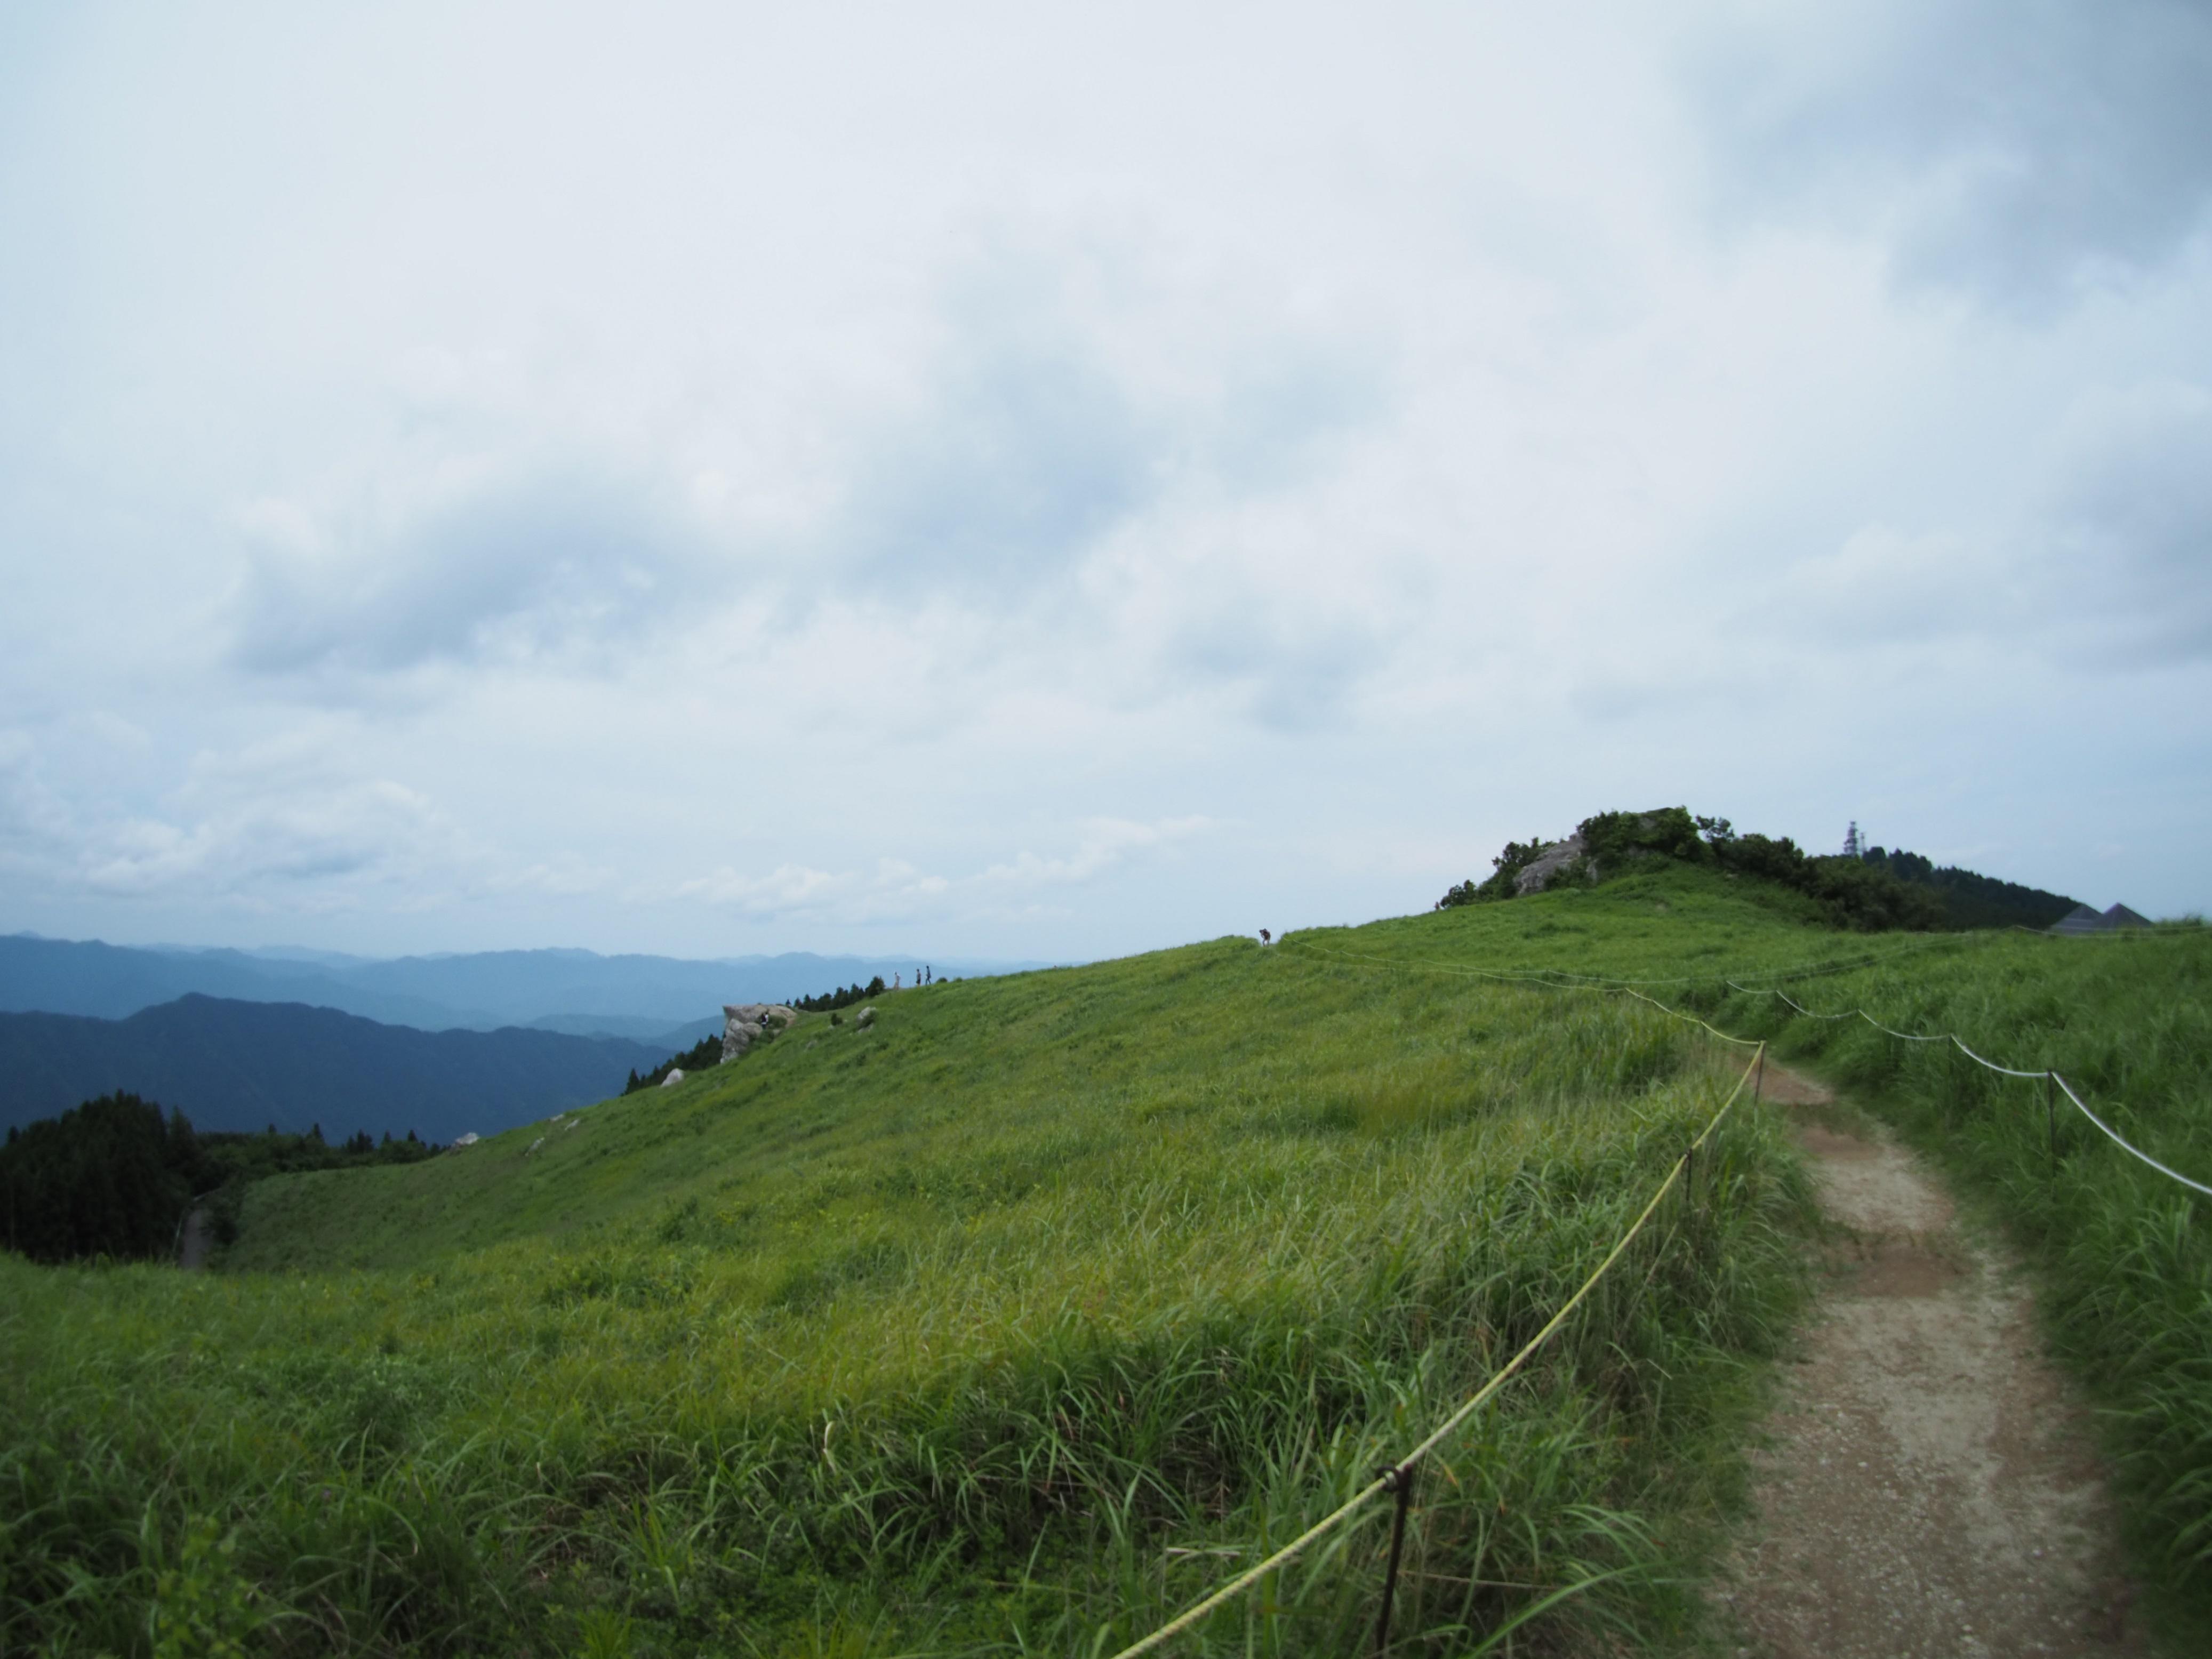 ぴーきち&ダイナ ハーレーブログ 和歌山有田ツーリング 生石高原の景色 絶景